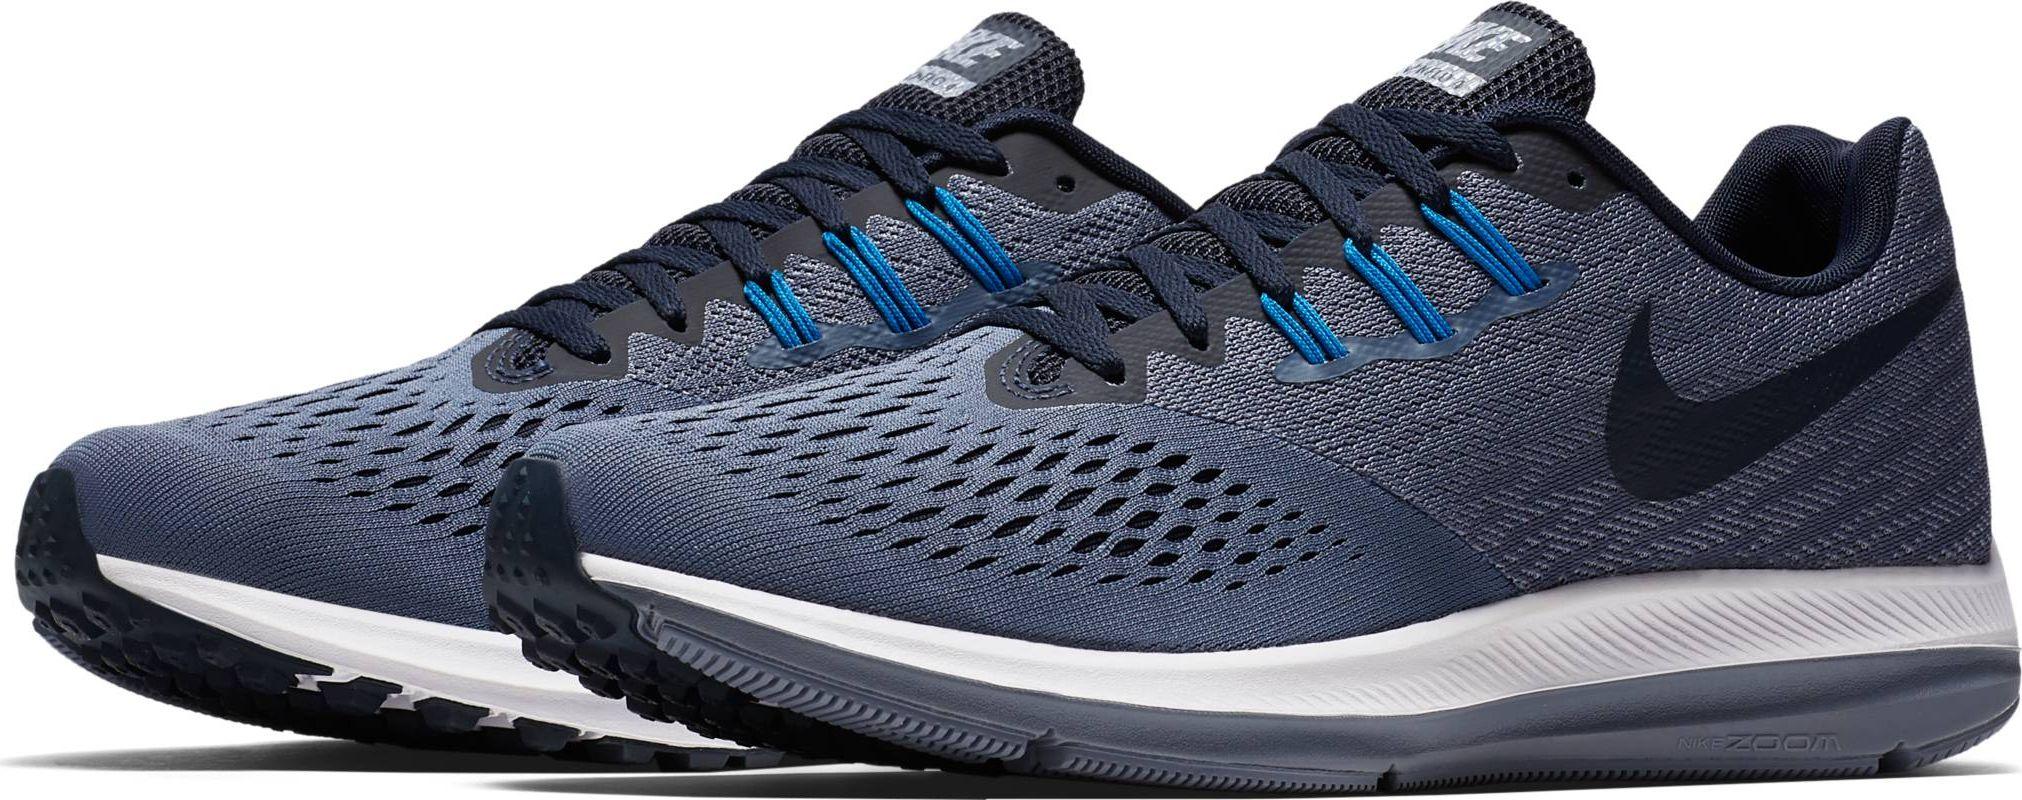 Кроссовки для бега мужские Nike Air Zoom Winflo 4, цвет: синий. 898466-403. Размер 11,5 (44,5)898466-403Мужские беговые кроссовки Air Zoom Winflo 4 от Nike с адаптивной амортизацией и обновленным верхом из сетки Engineered Mesh с видимой технологией Flywire обеспечивают идеальную посадку. Адаптивная сетка Engineered Mesh в передней части стопы для воздухопроницаемости и поддержки. Вставка Zoom Air обеспечивает непревзойденную защиту от ударных нагрузок. Литой боковой барьер из материала Cushlon для плавного перехода с пятки на носок. Жаккардовый трикотаж в средней части стопы и на пятке обеспечивает стабилизацию и воздухопроницаемость без утяжеления. Полноразмерная вставка из твердой резины в вафельной подметке обеспечивает уверенное сцепление на любых поверхностях. Обновленный защитный барьер Crashrail из материала Cushlon по краям подметки действует как амортизатор при контакте с поверхностью и обеспечивает более мягкий и плавный переход с пятки на носок, чем предыдущие модели. Перепад подошвы: 10 мм. Колодка: MR-10.